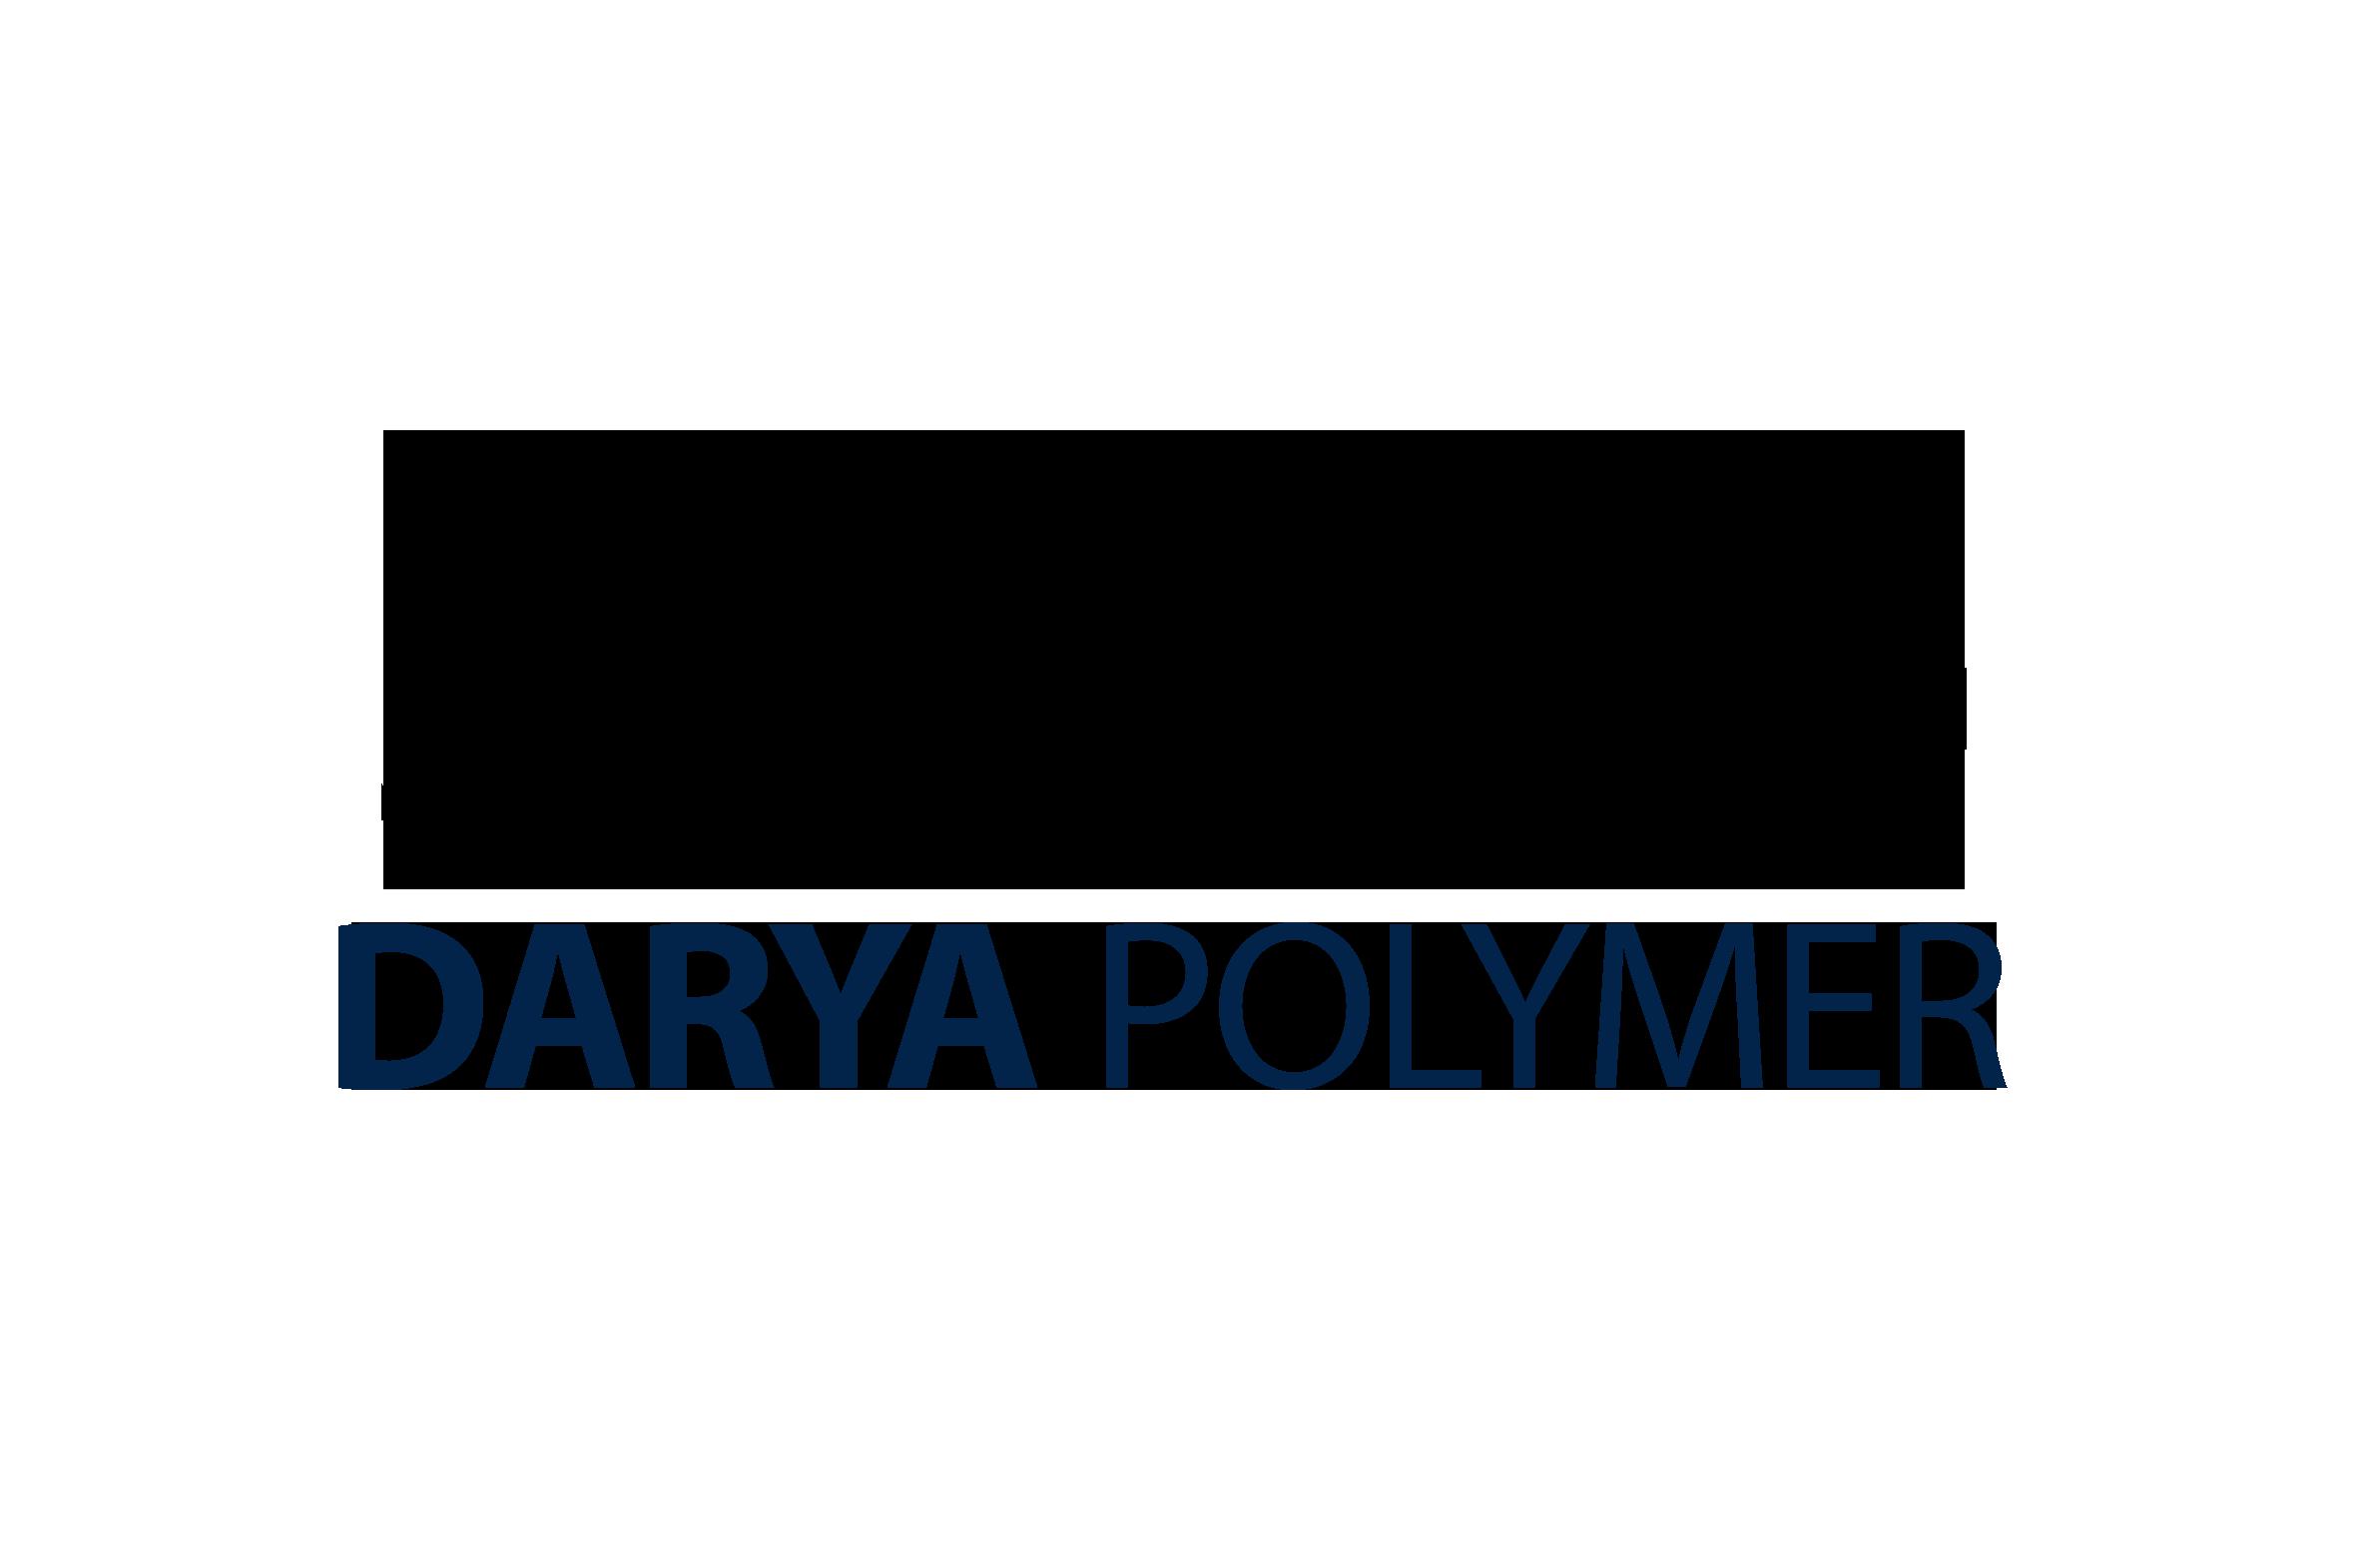 شرکت بسپار پلیمر آسیا